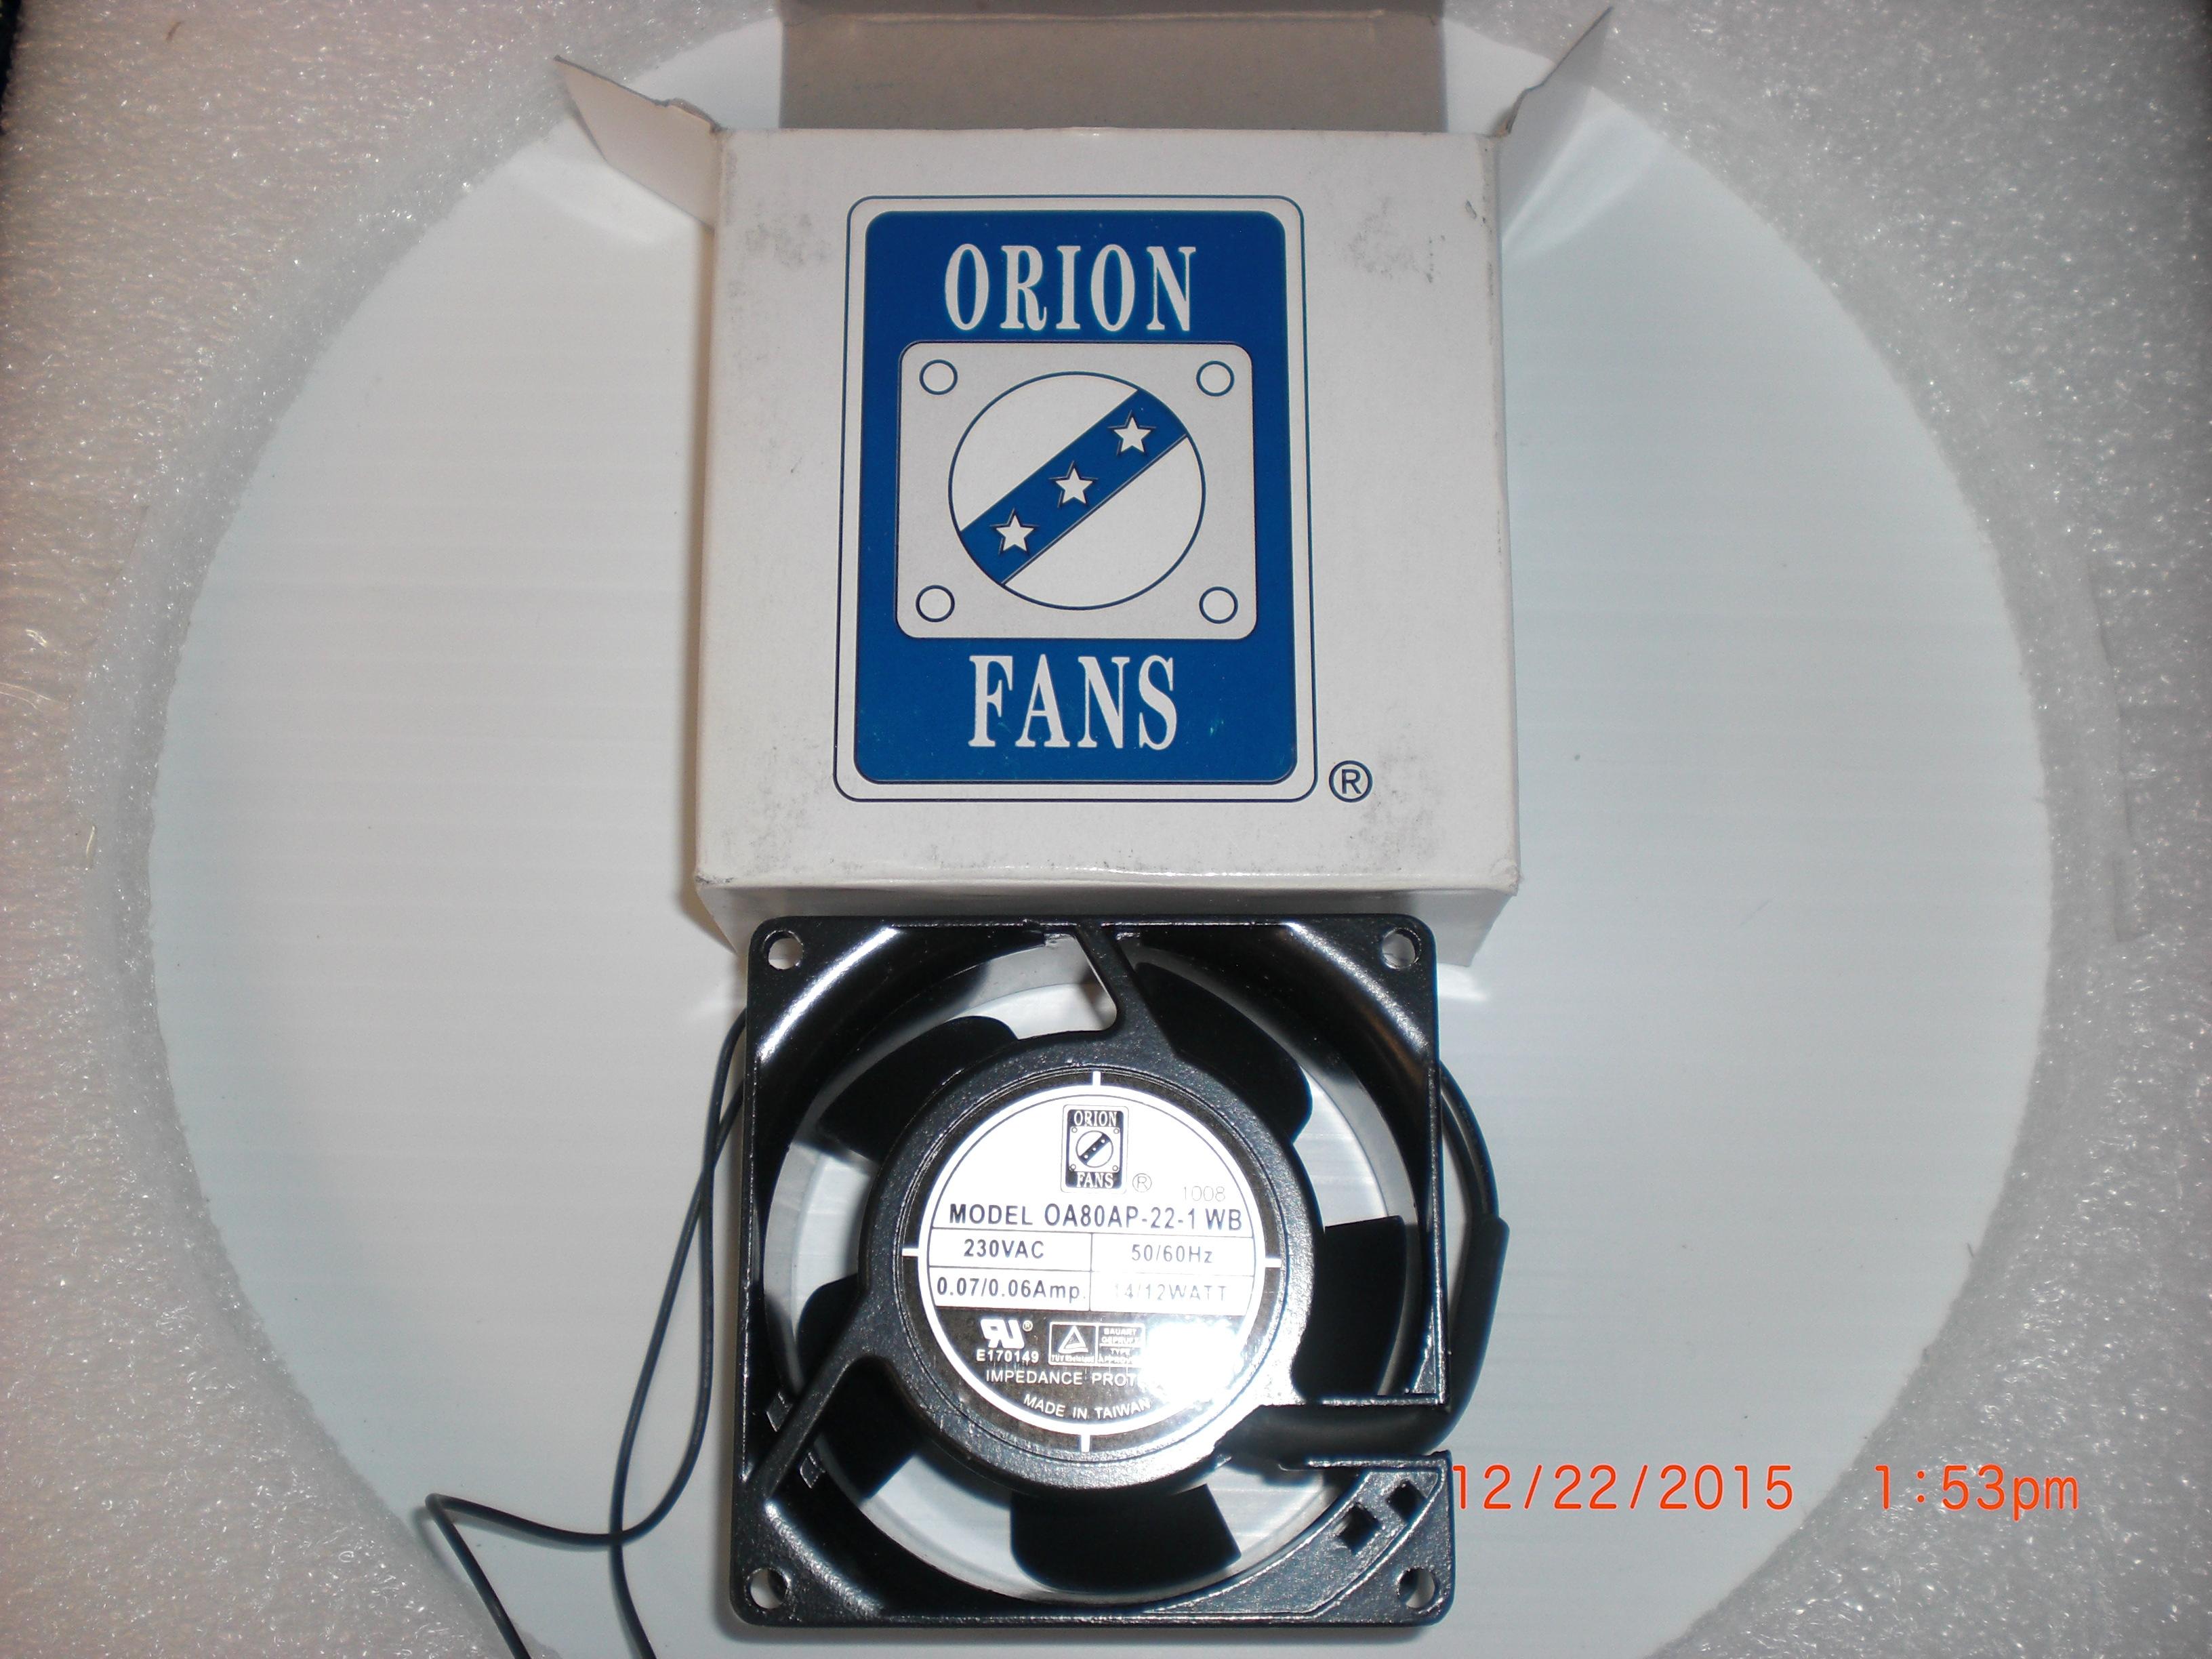 Fan  80X42mm 230VAC  ORION OA80AP-22-1WB RS 6197009